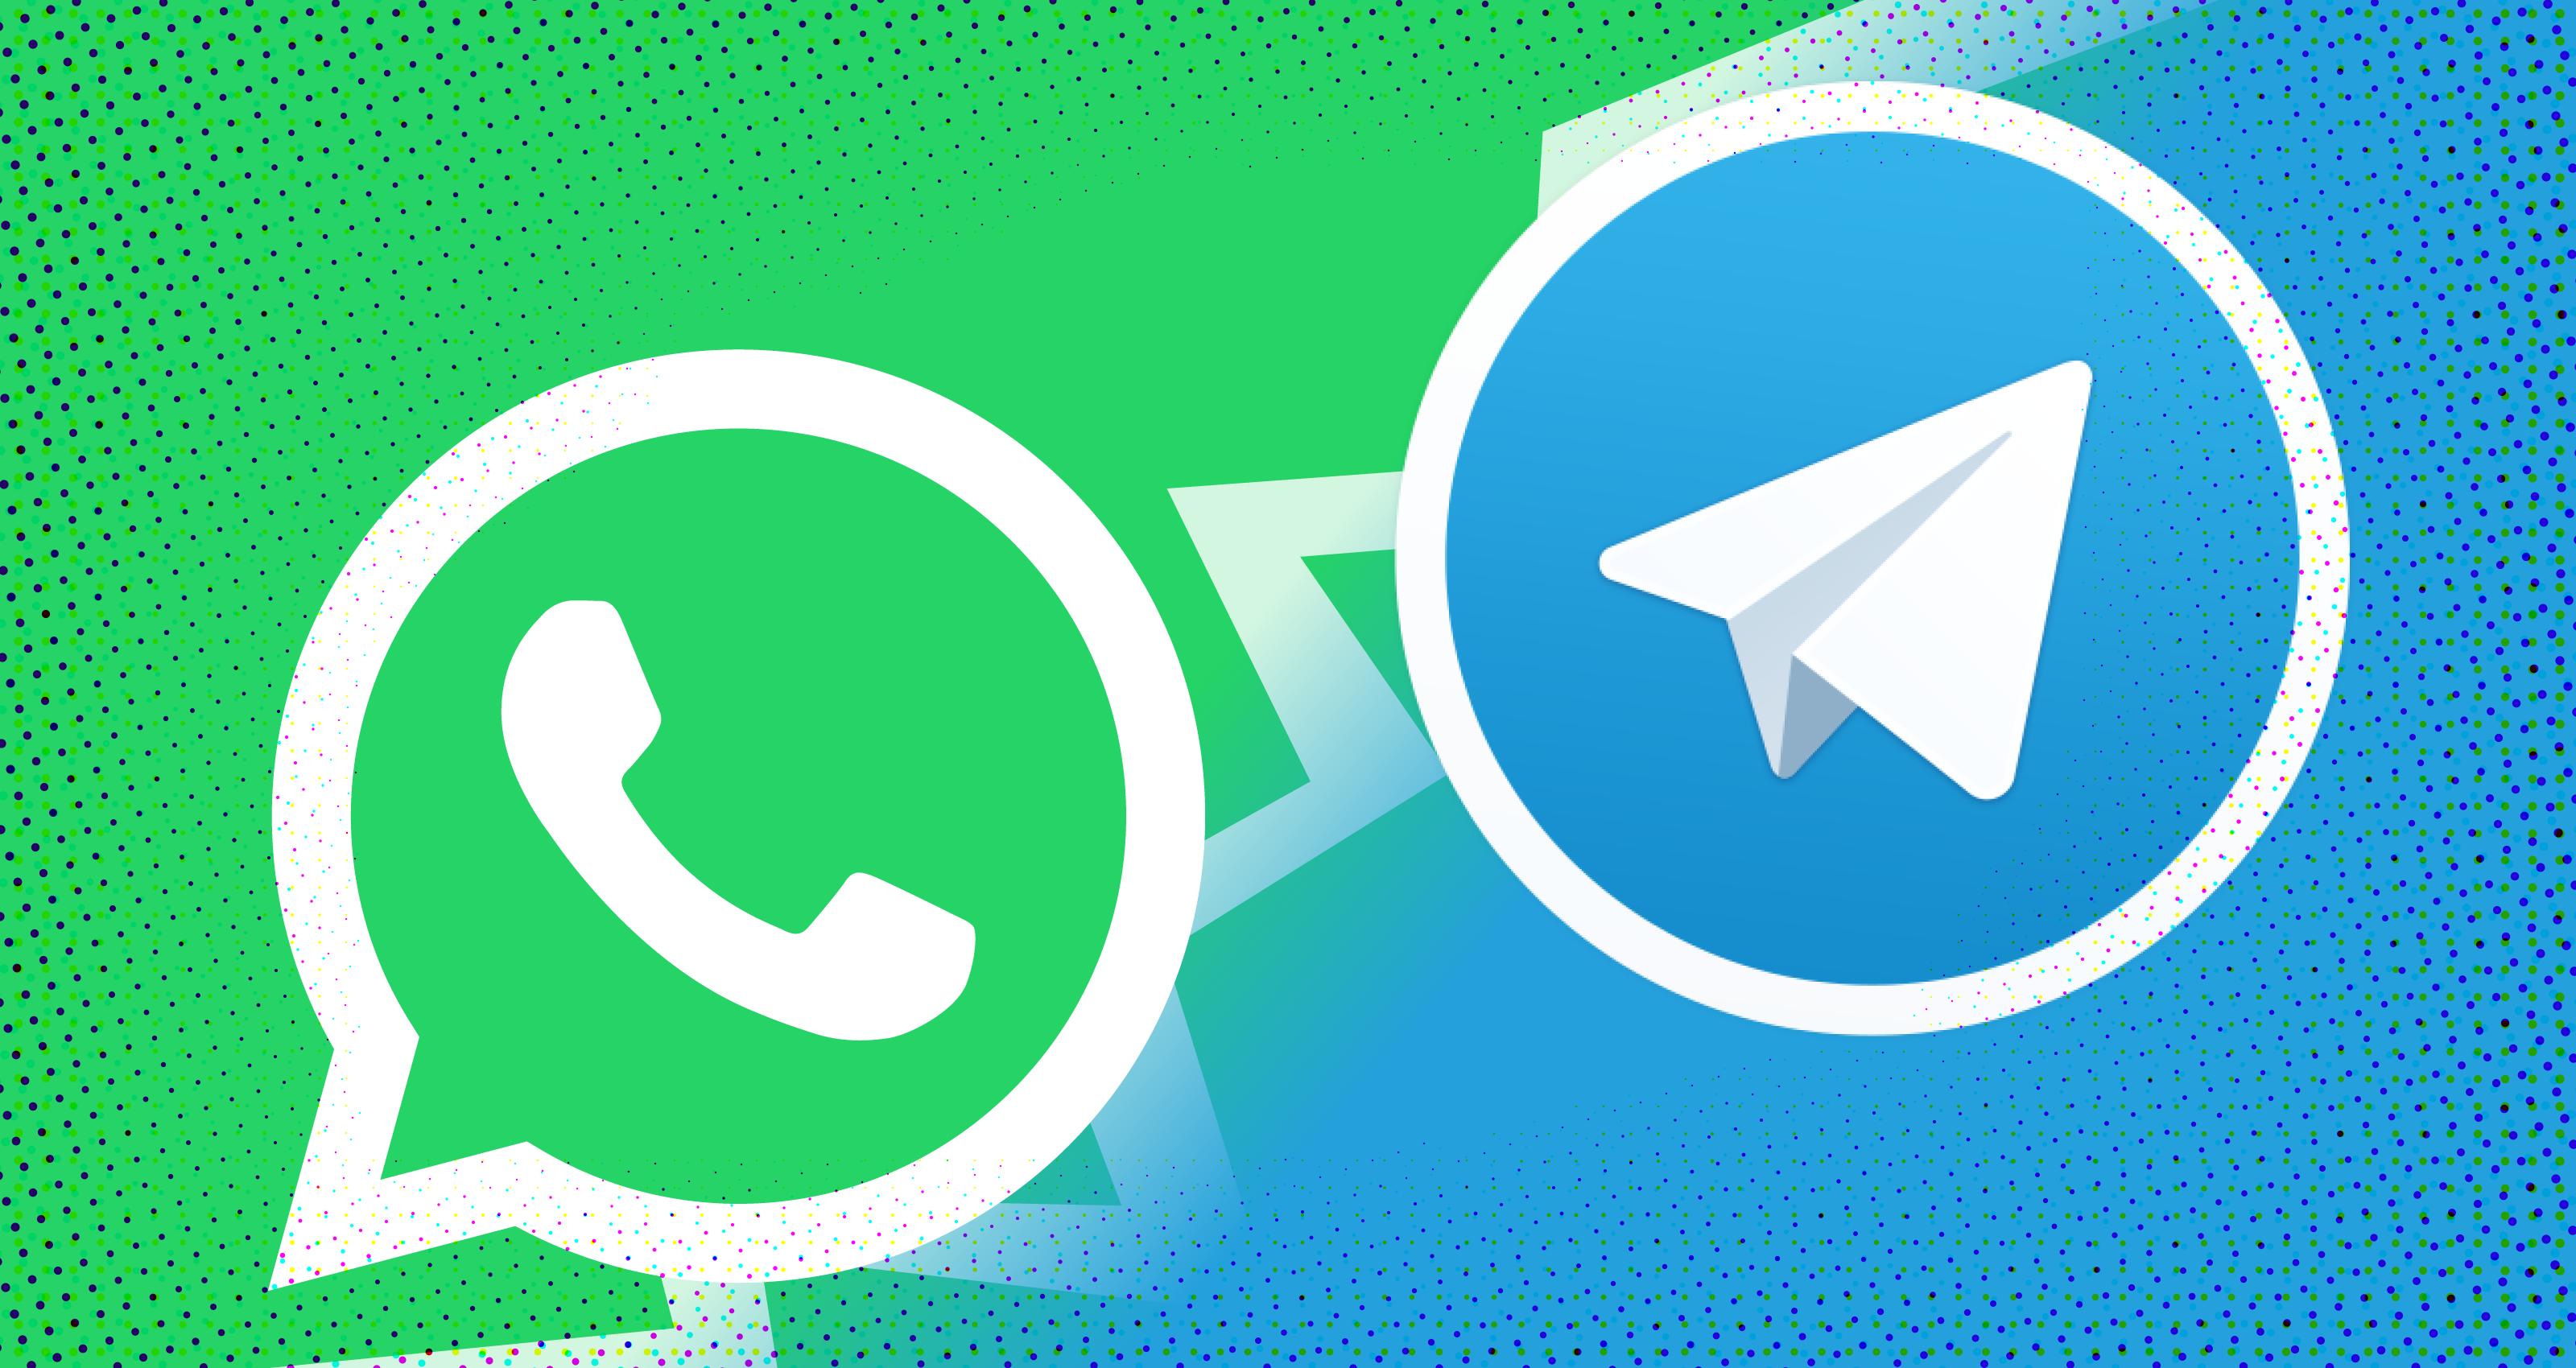 WhatsApp revamps Groups to fight Telegram | TechCrunch